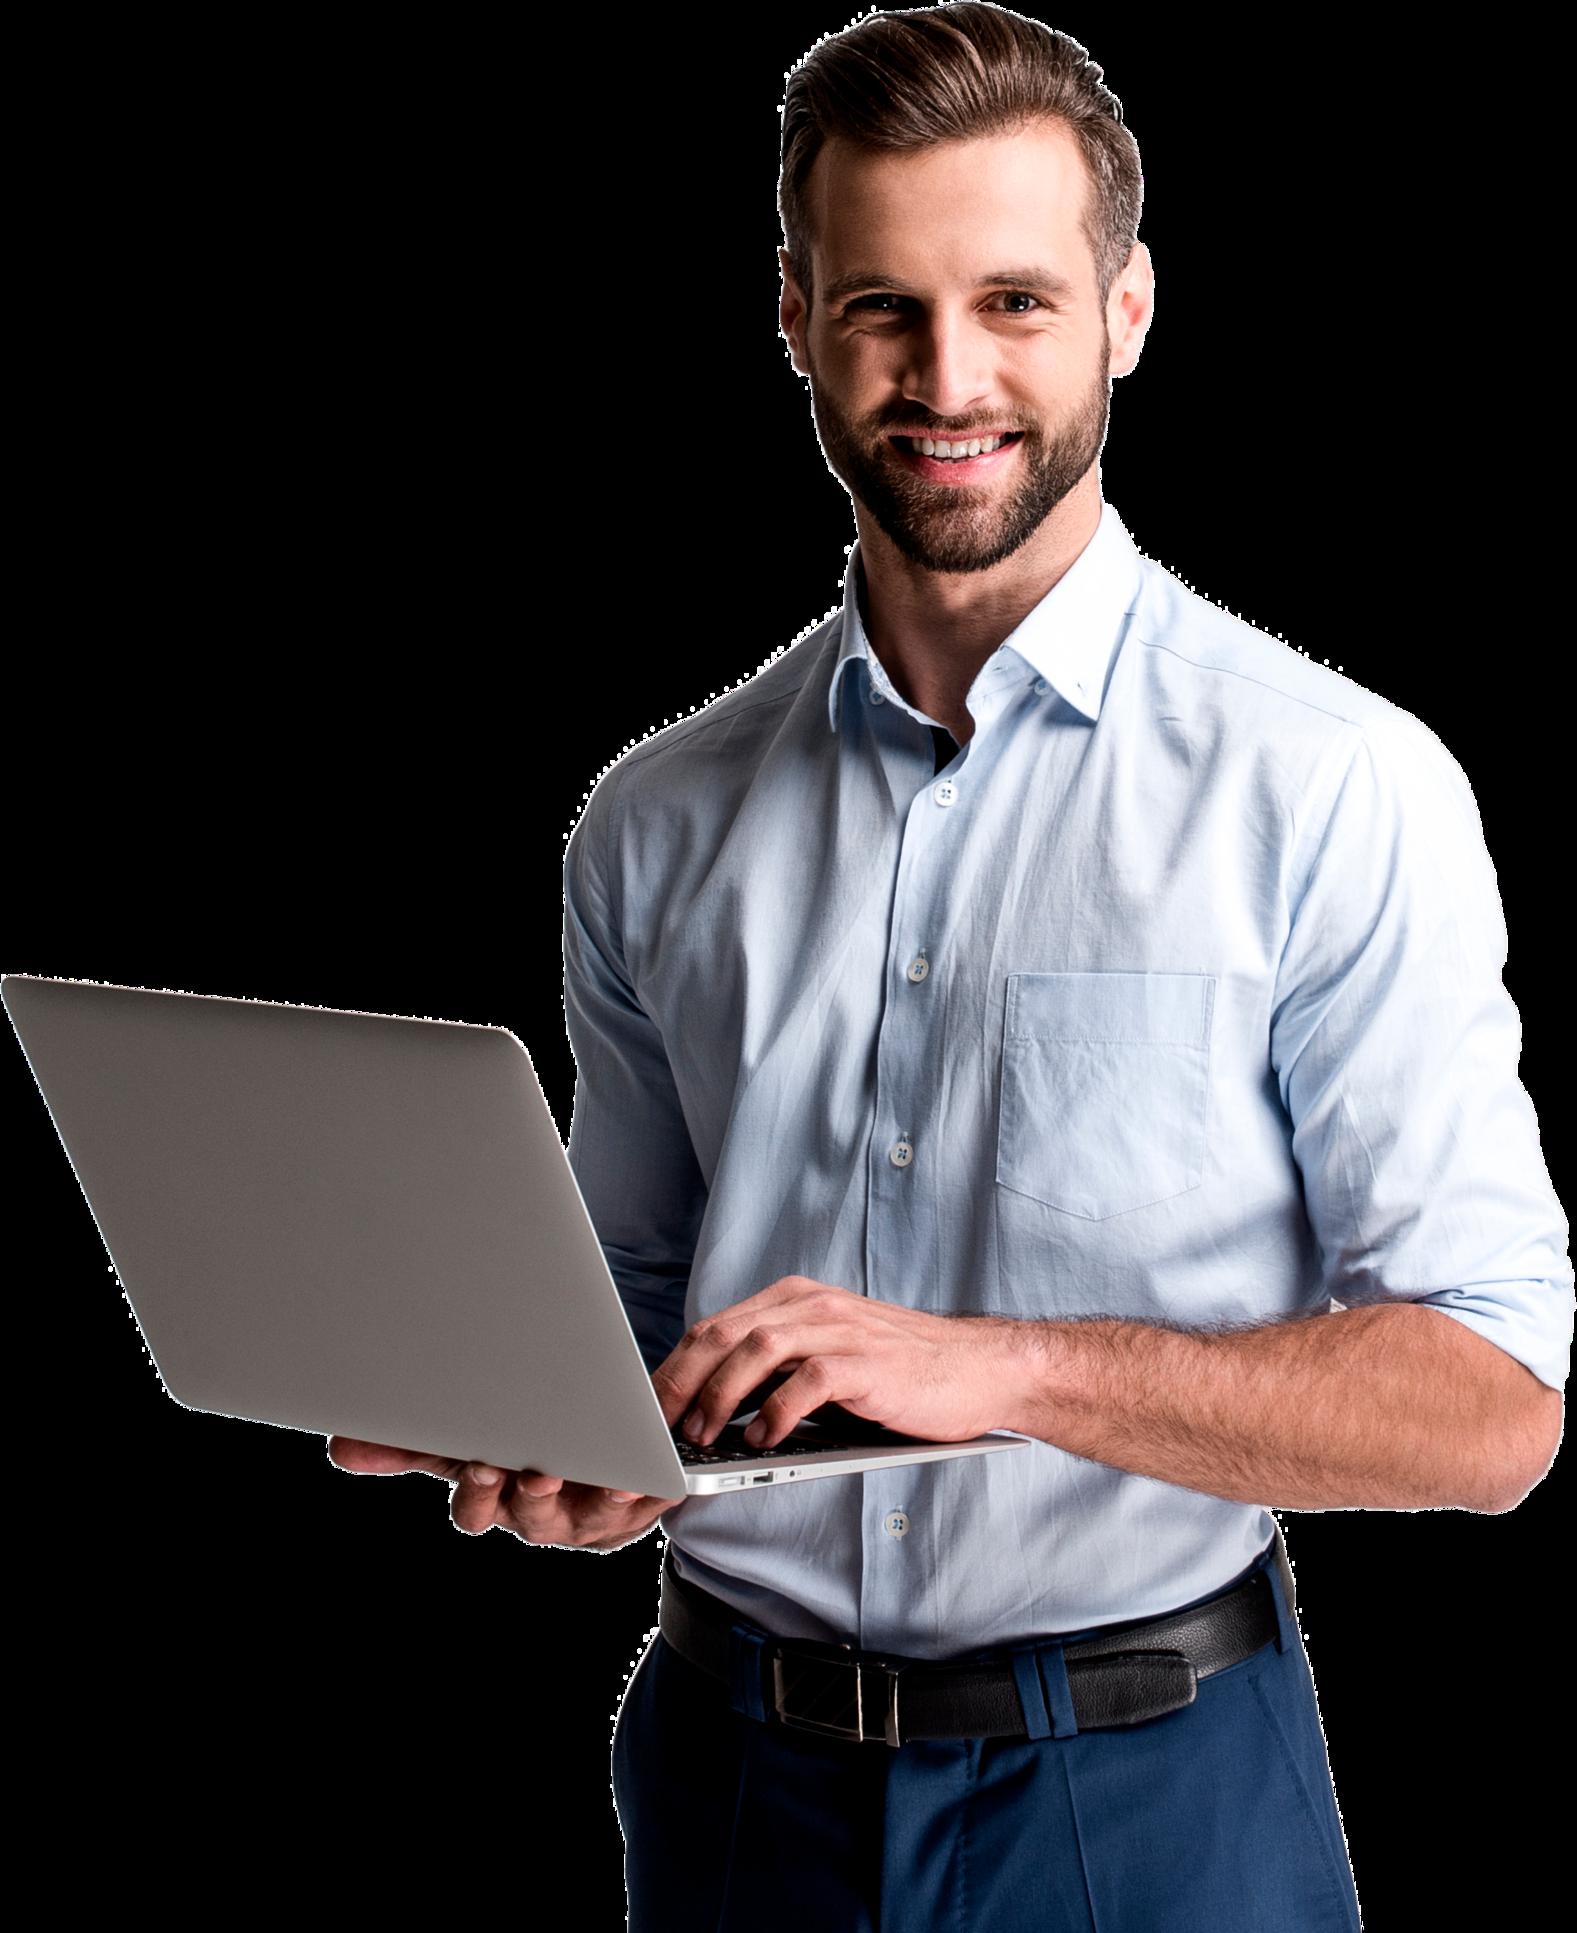 Фриланс для юристов менеджер по работе с клиентами удаленная работа